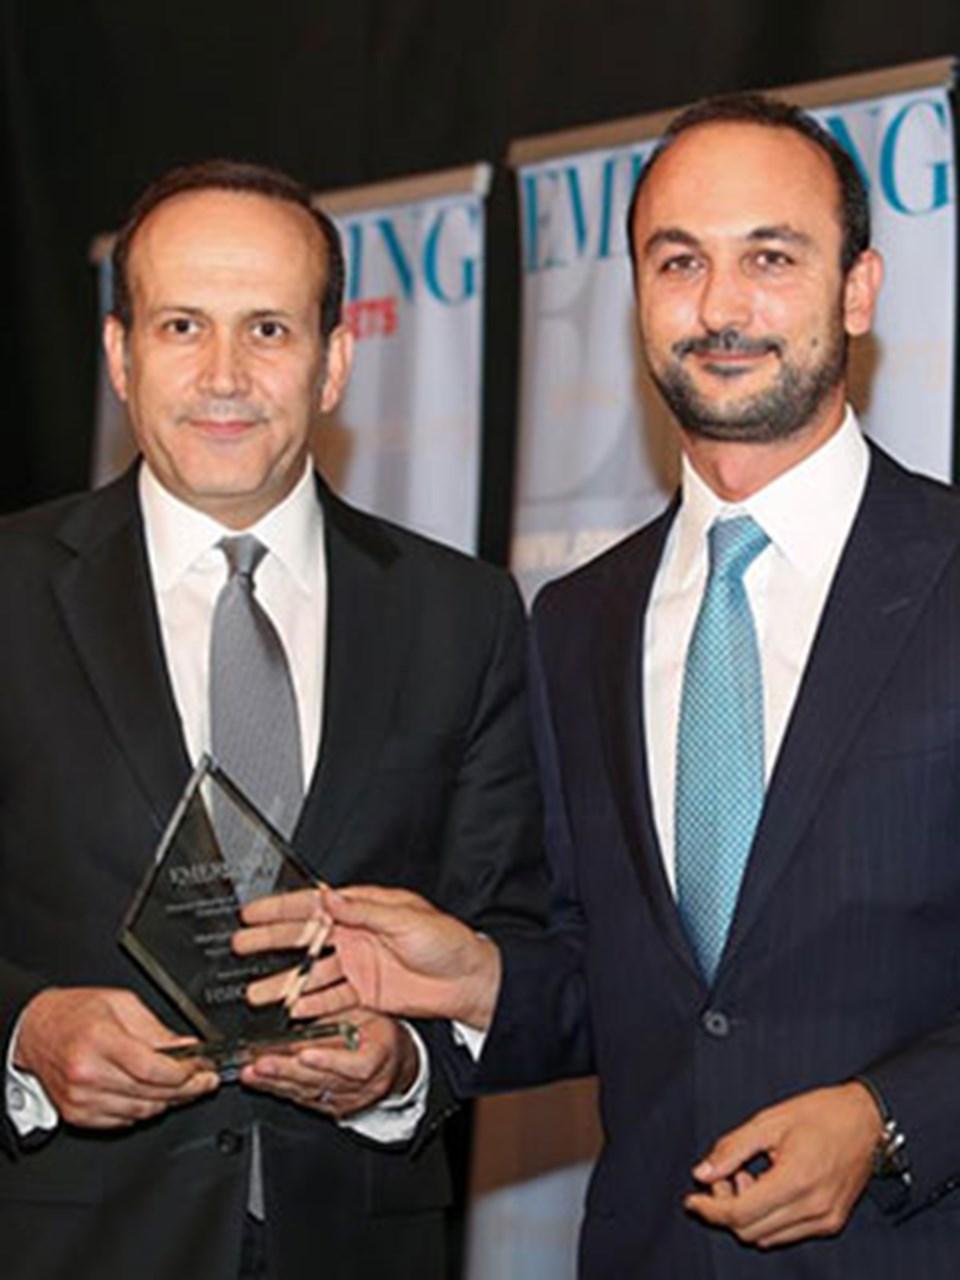 Bakan Mehmet Şimşek'in ödülünü Türkiye'nin Washinton Büyükelçisi Namık Tan aldı.